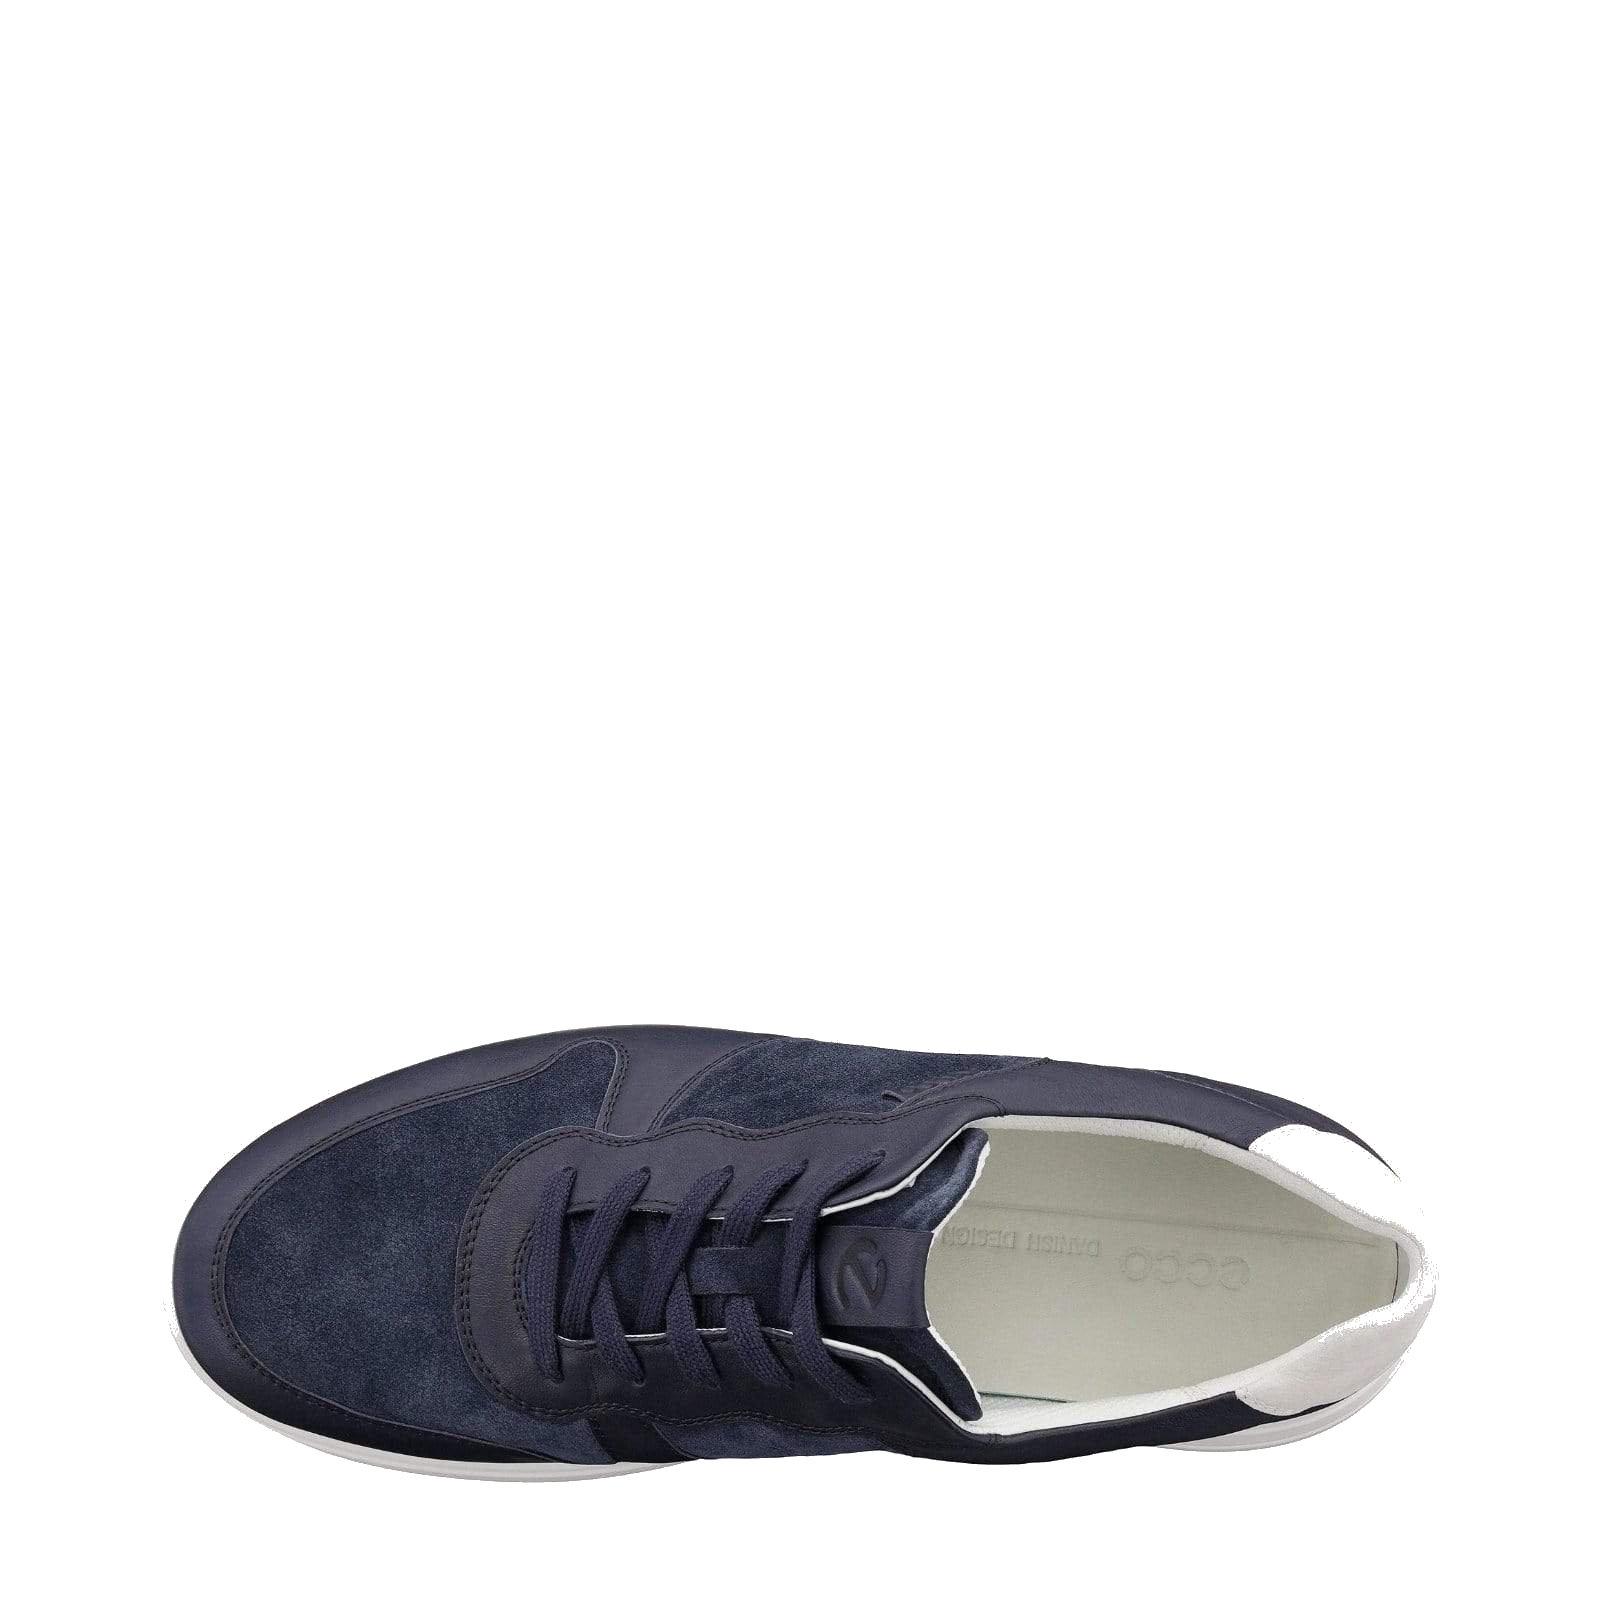 mens ECCO Soft 7- Navy Blue Runner Sneaker